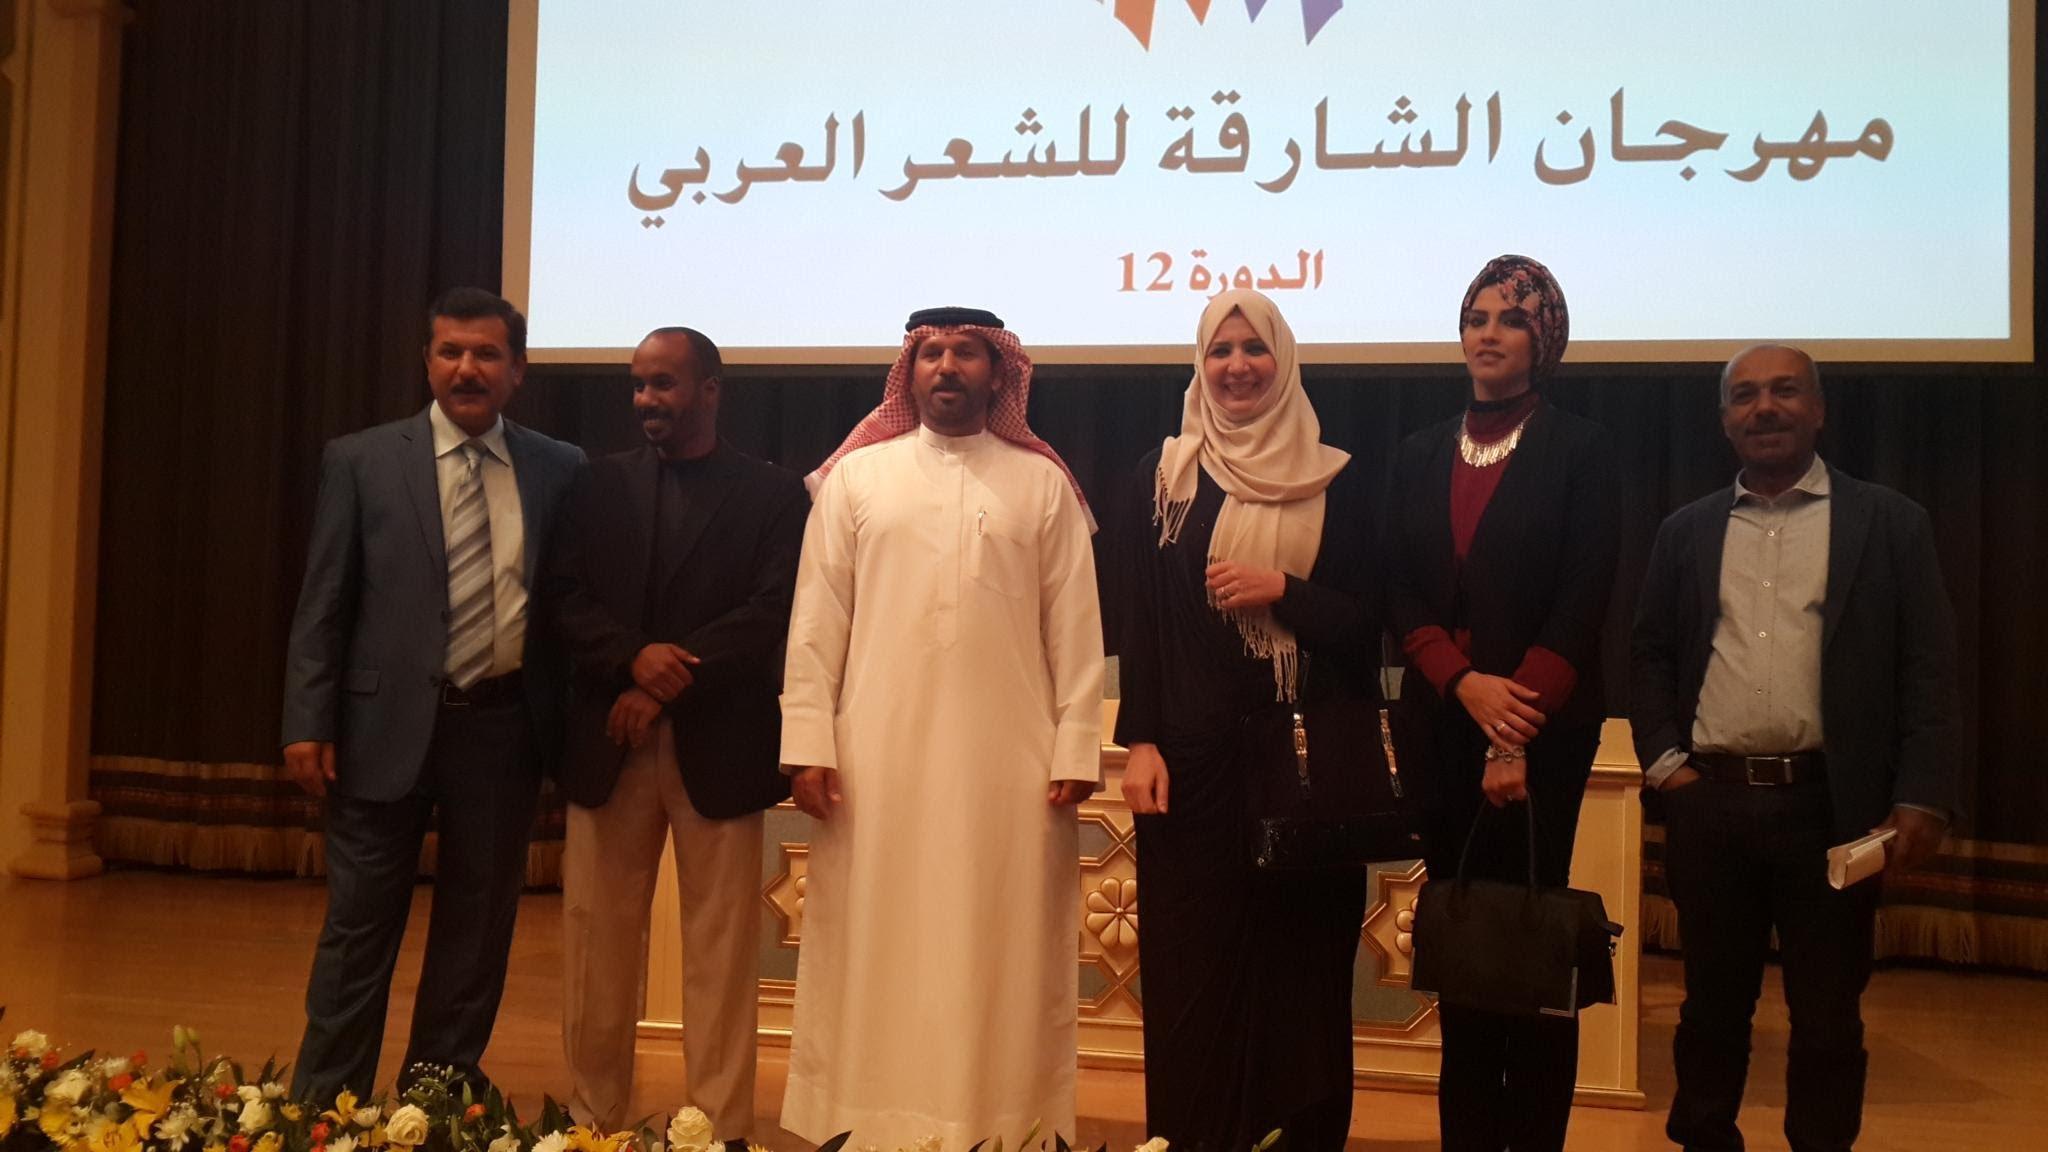 38 شاعرا من 14 دولة في مهرجان الشارقة للشعر العربي